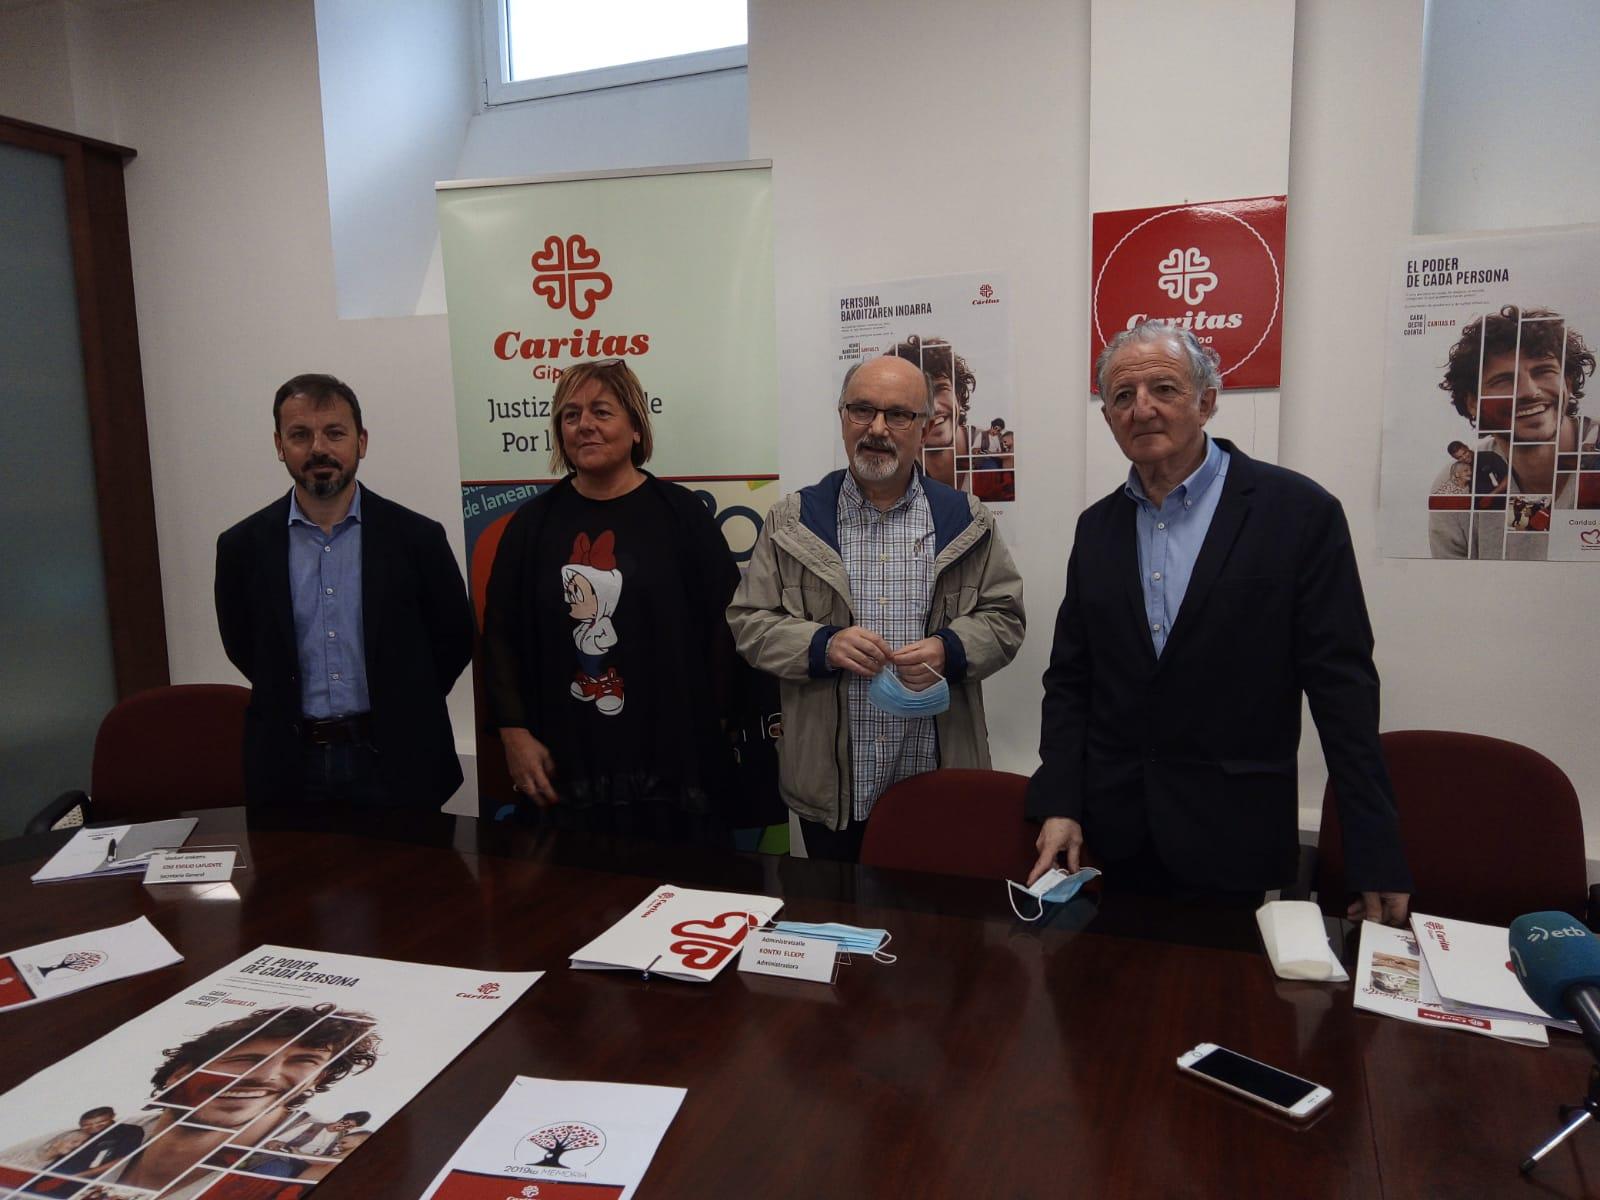 Presentación de la Memoria de Caritas esta mañana en el Paseo de Salamanca. Foto: A.E.